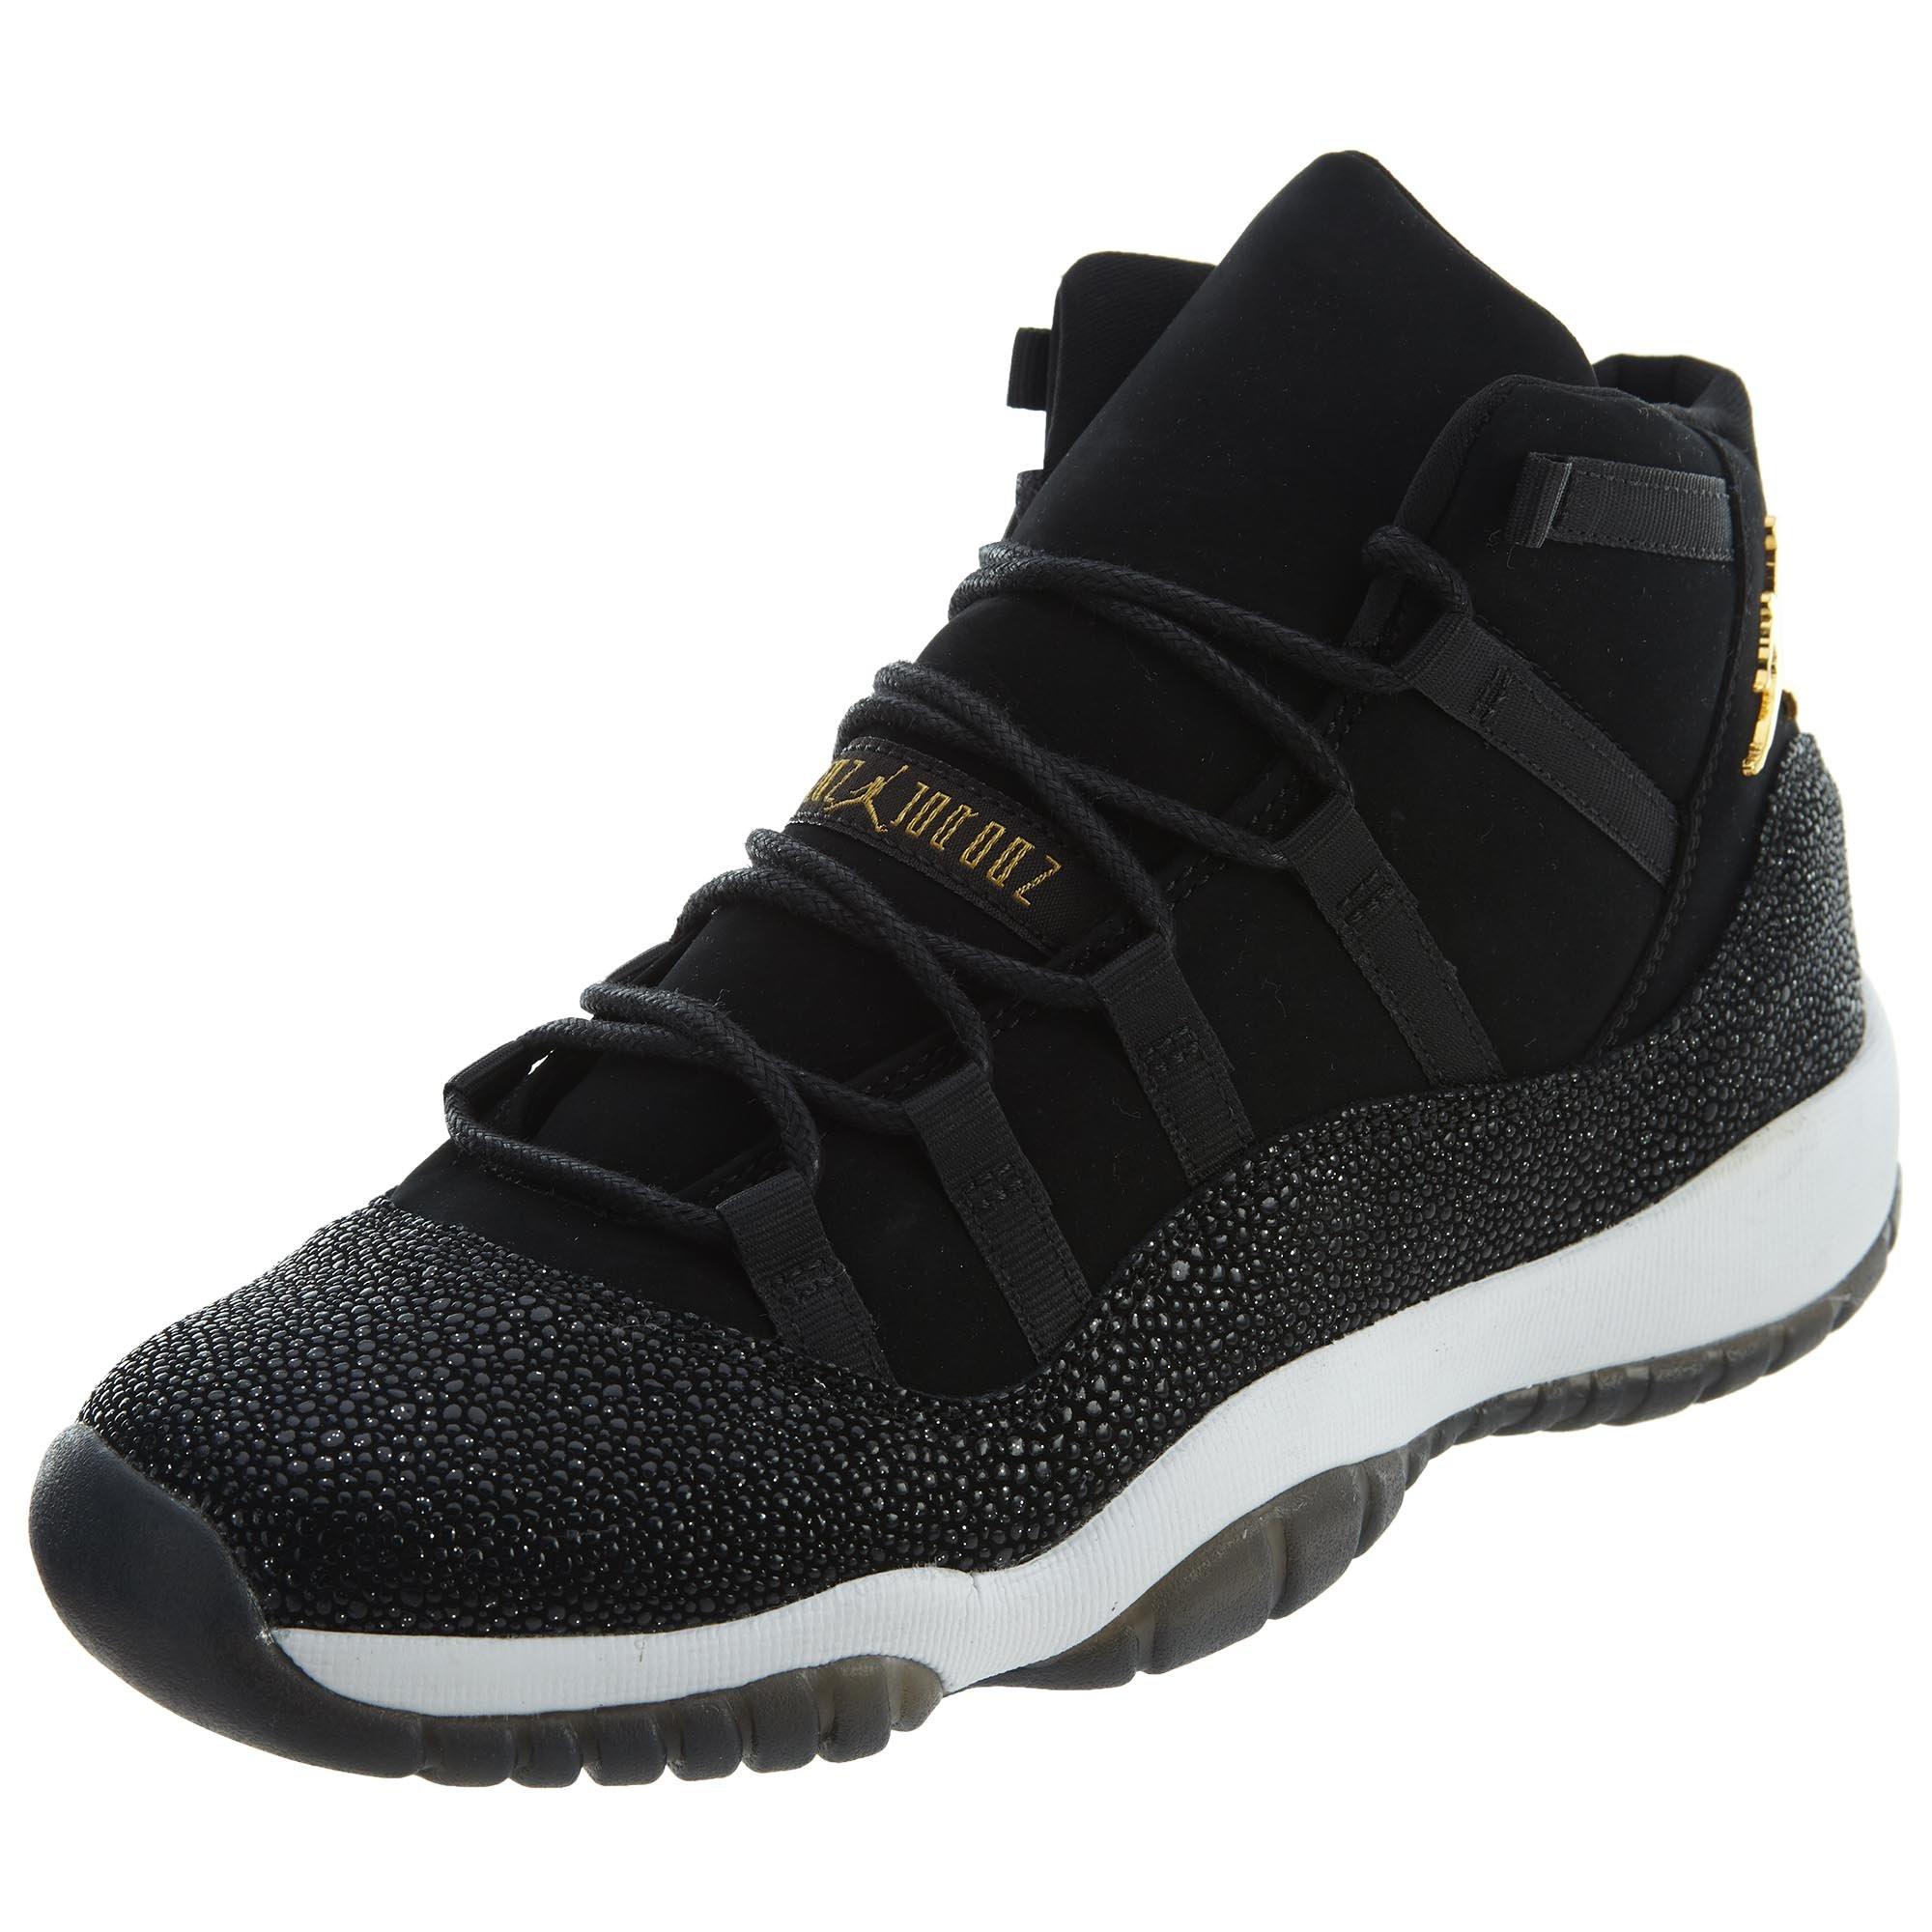 on sale 4e18a b0214 Galleon - Jordan Retro 11 Premium Heiress Stingray Black Metallic  Gold-White (Big Kid) (Youth Size 7.5)